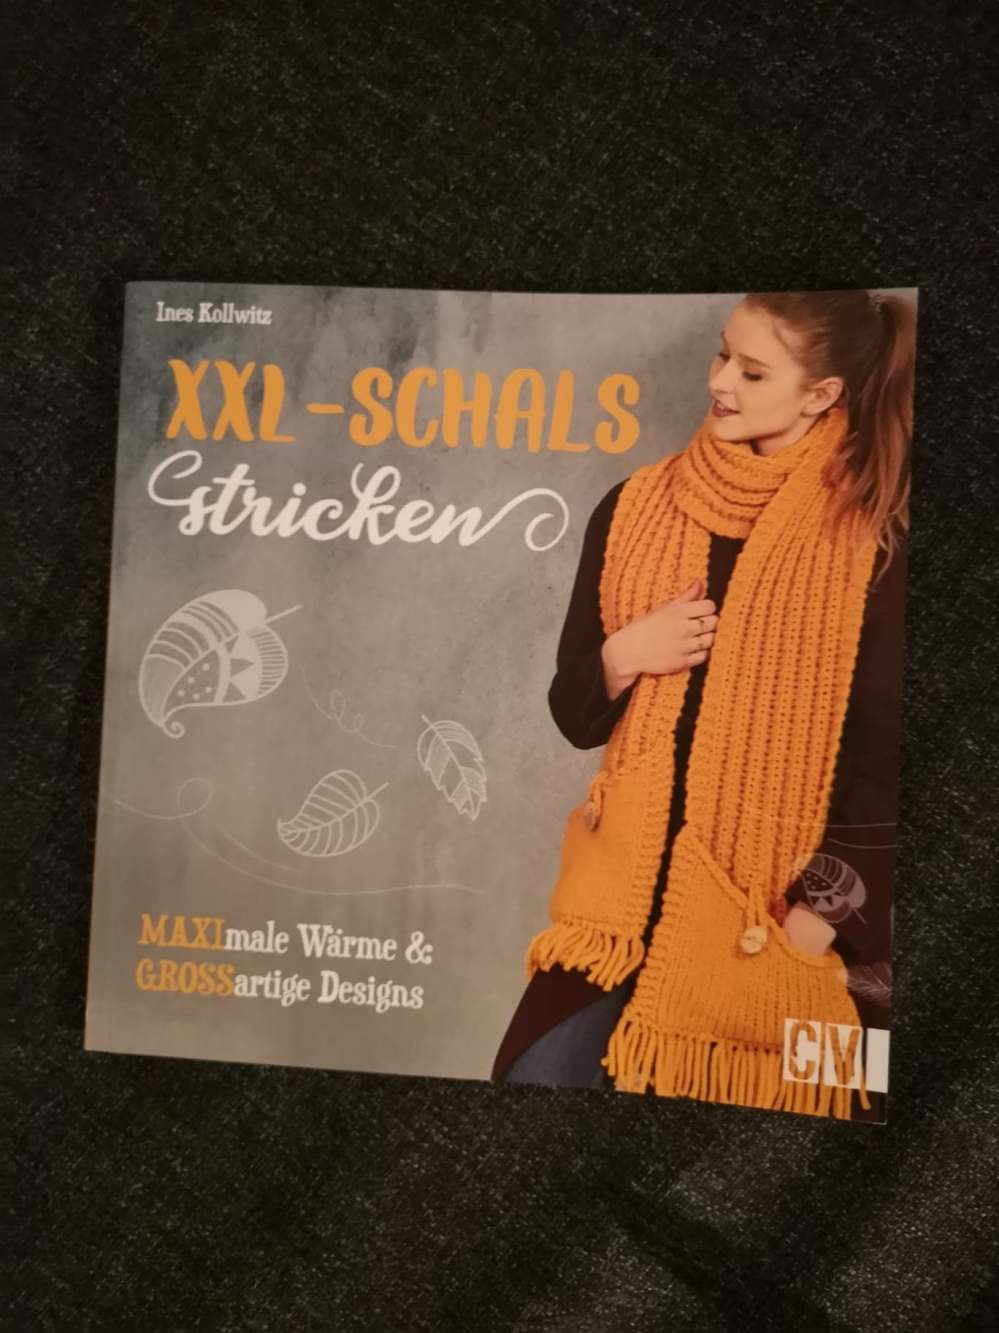 XXL Schals stricken Ines Kollwitz (7)